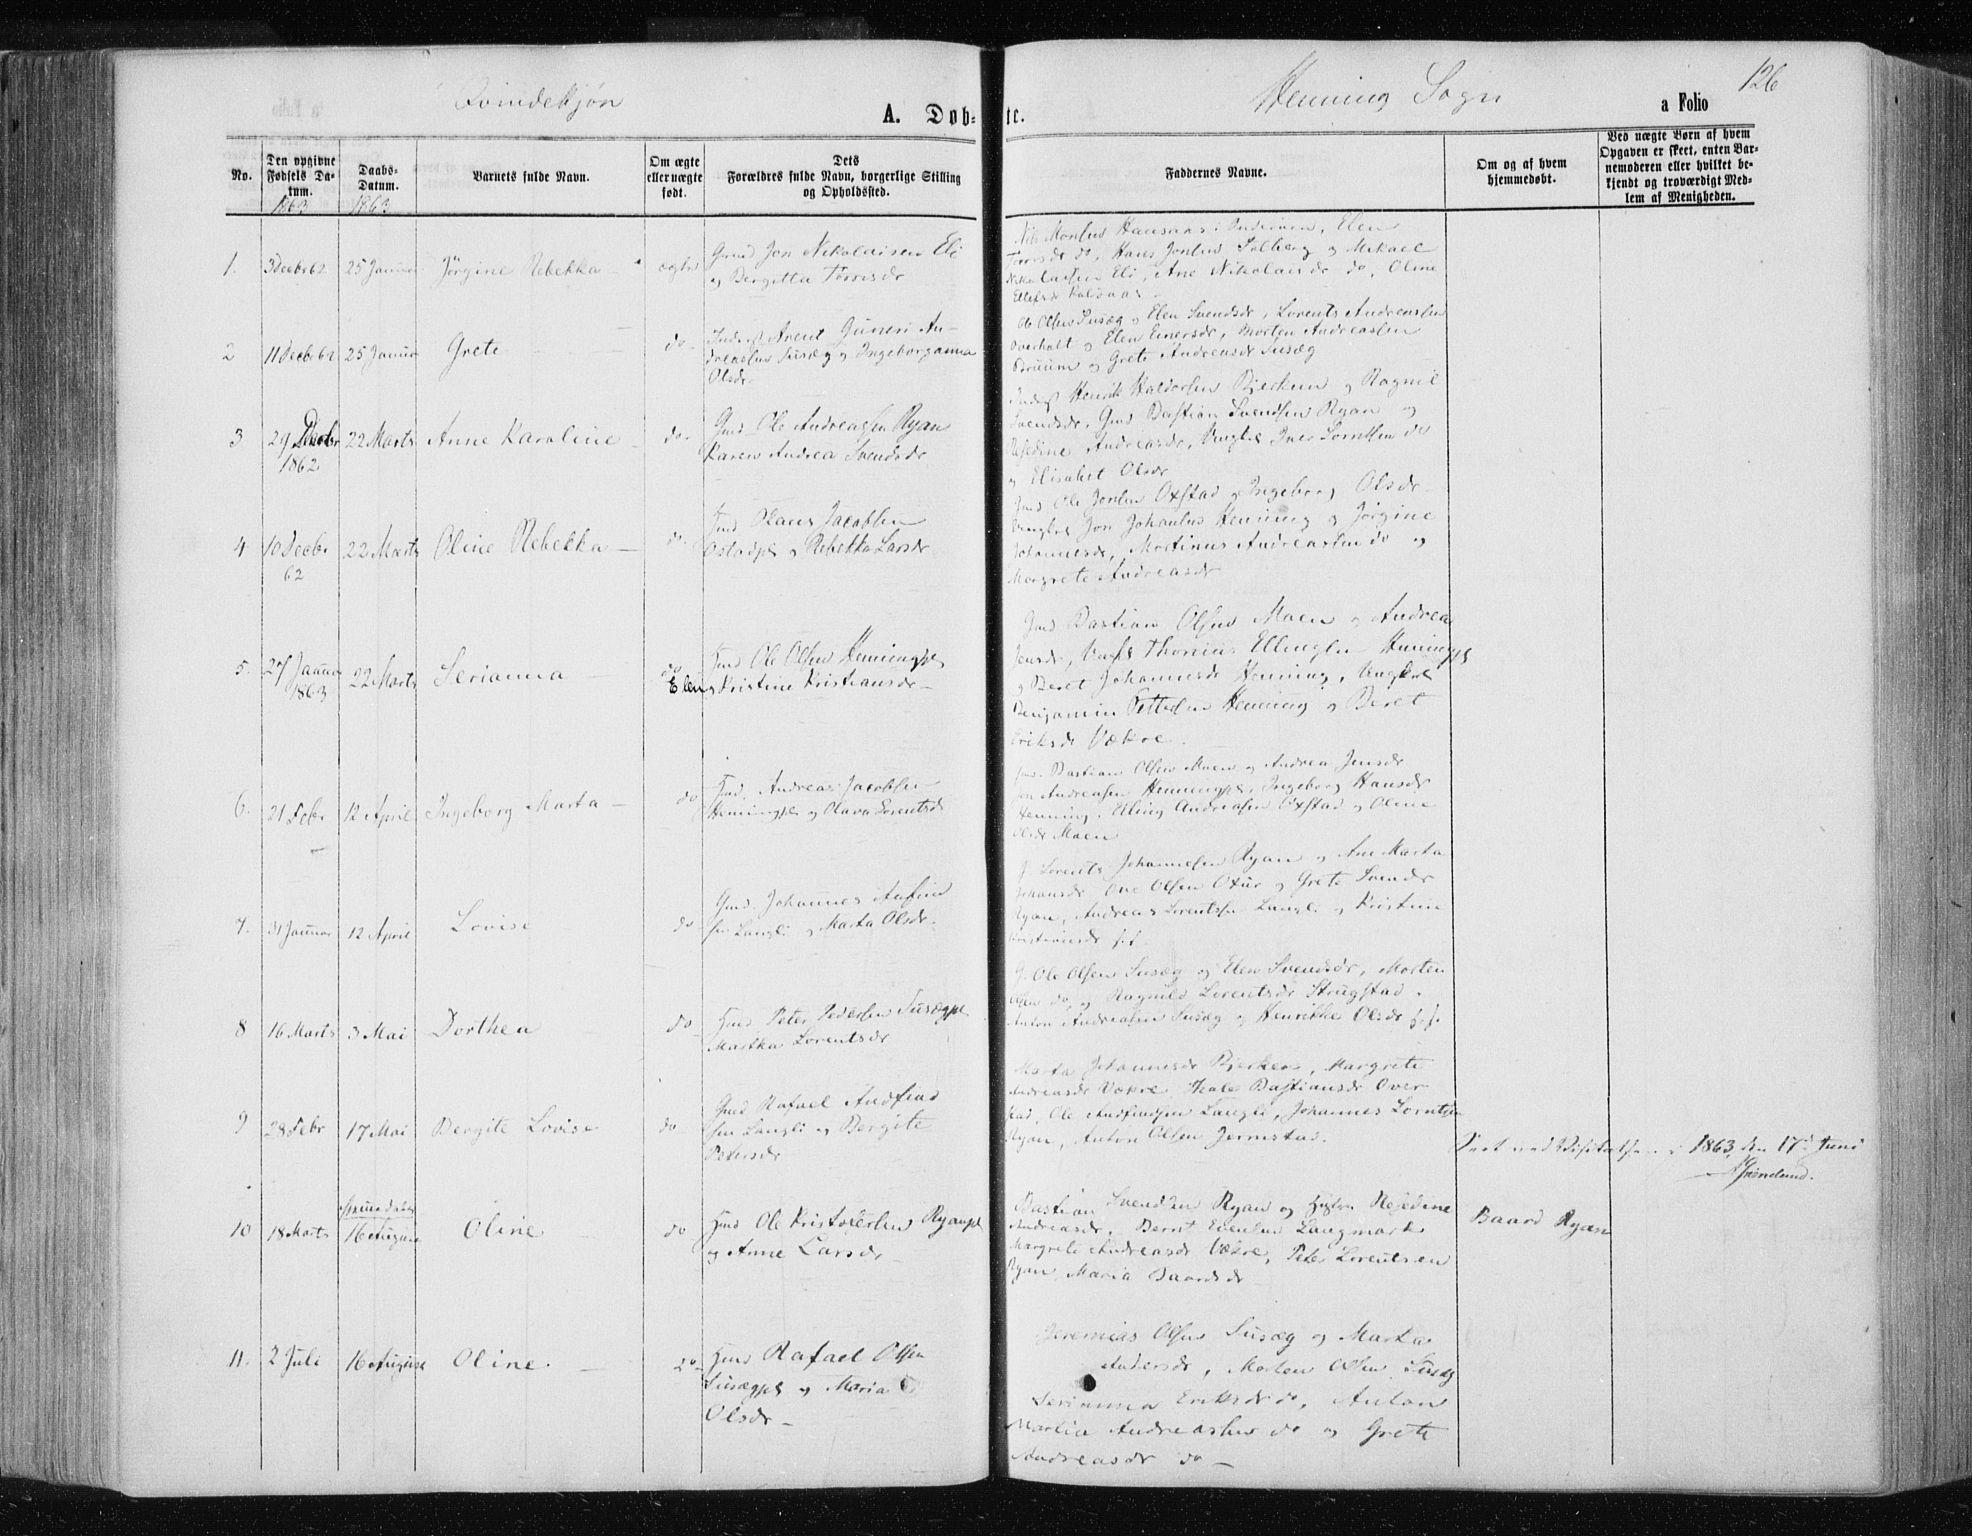 SAT, Ministerialprotokoller, klokkerbøker og fødselsregistre - Nord-Trøndelag, 735/L0345: Ministerialbok nr. 735A08 /3, 1863-1872, s. 126